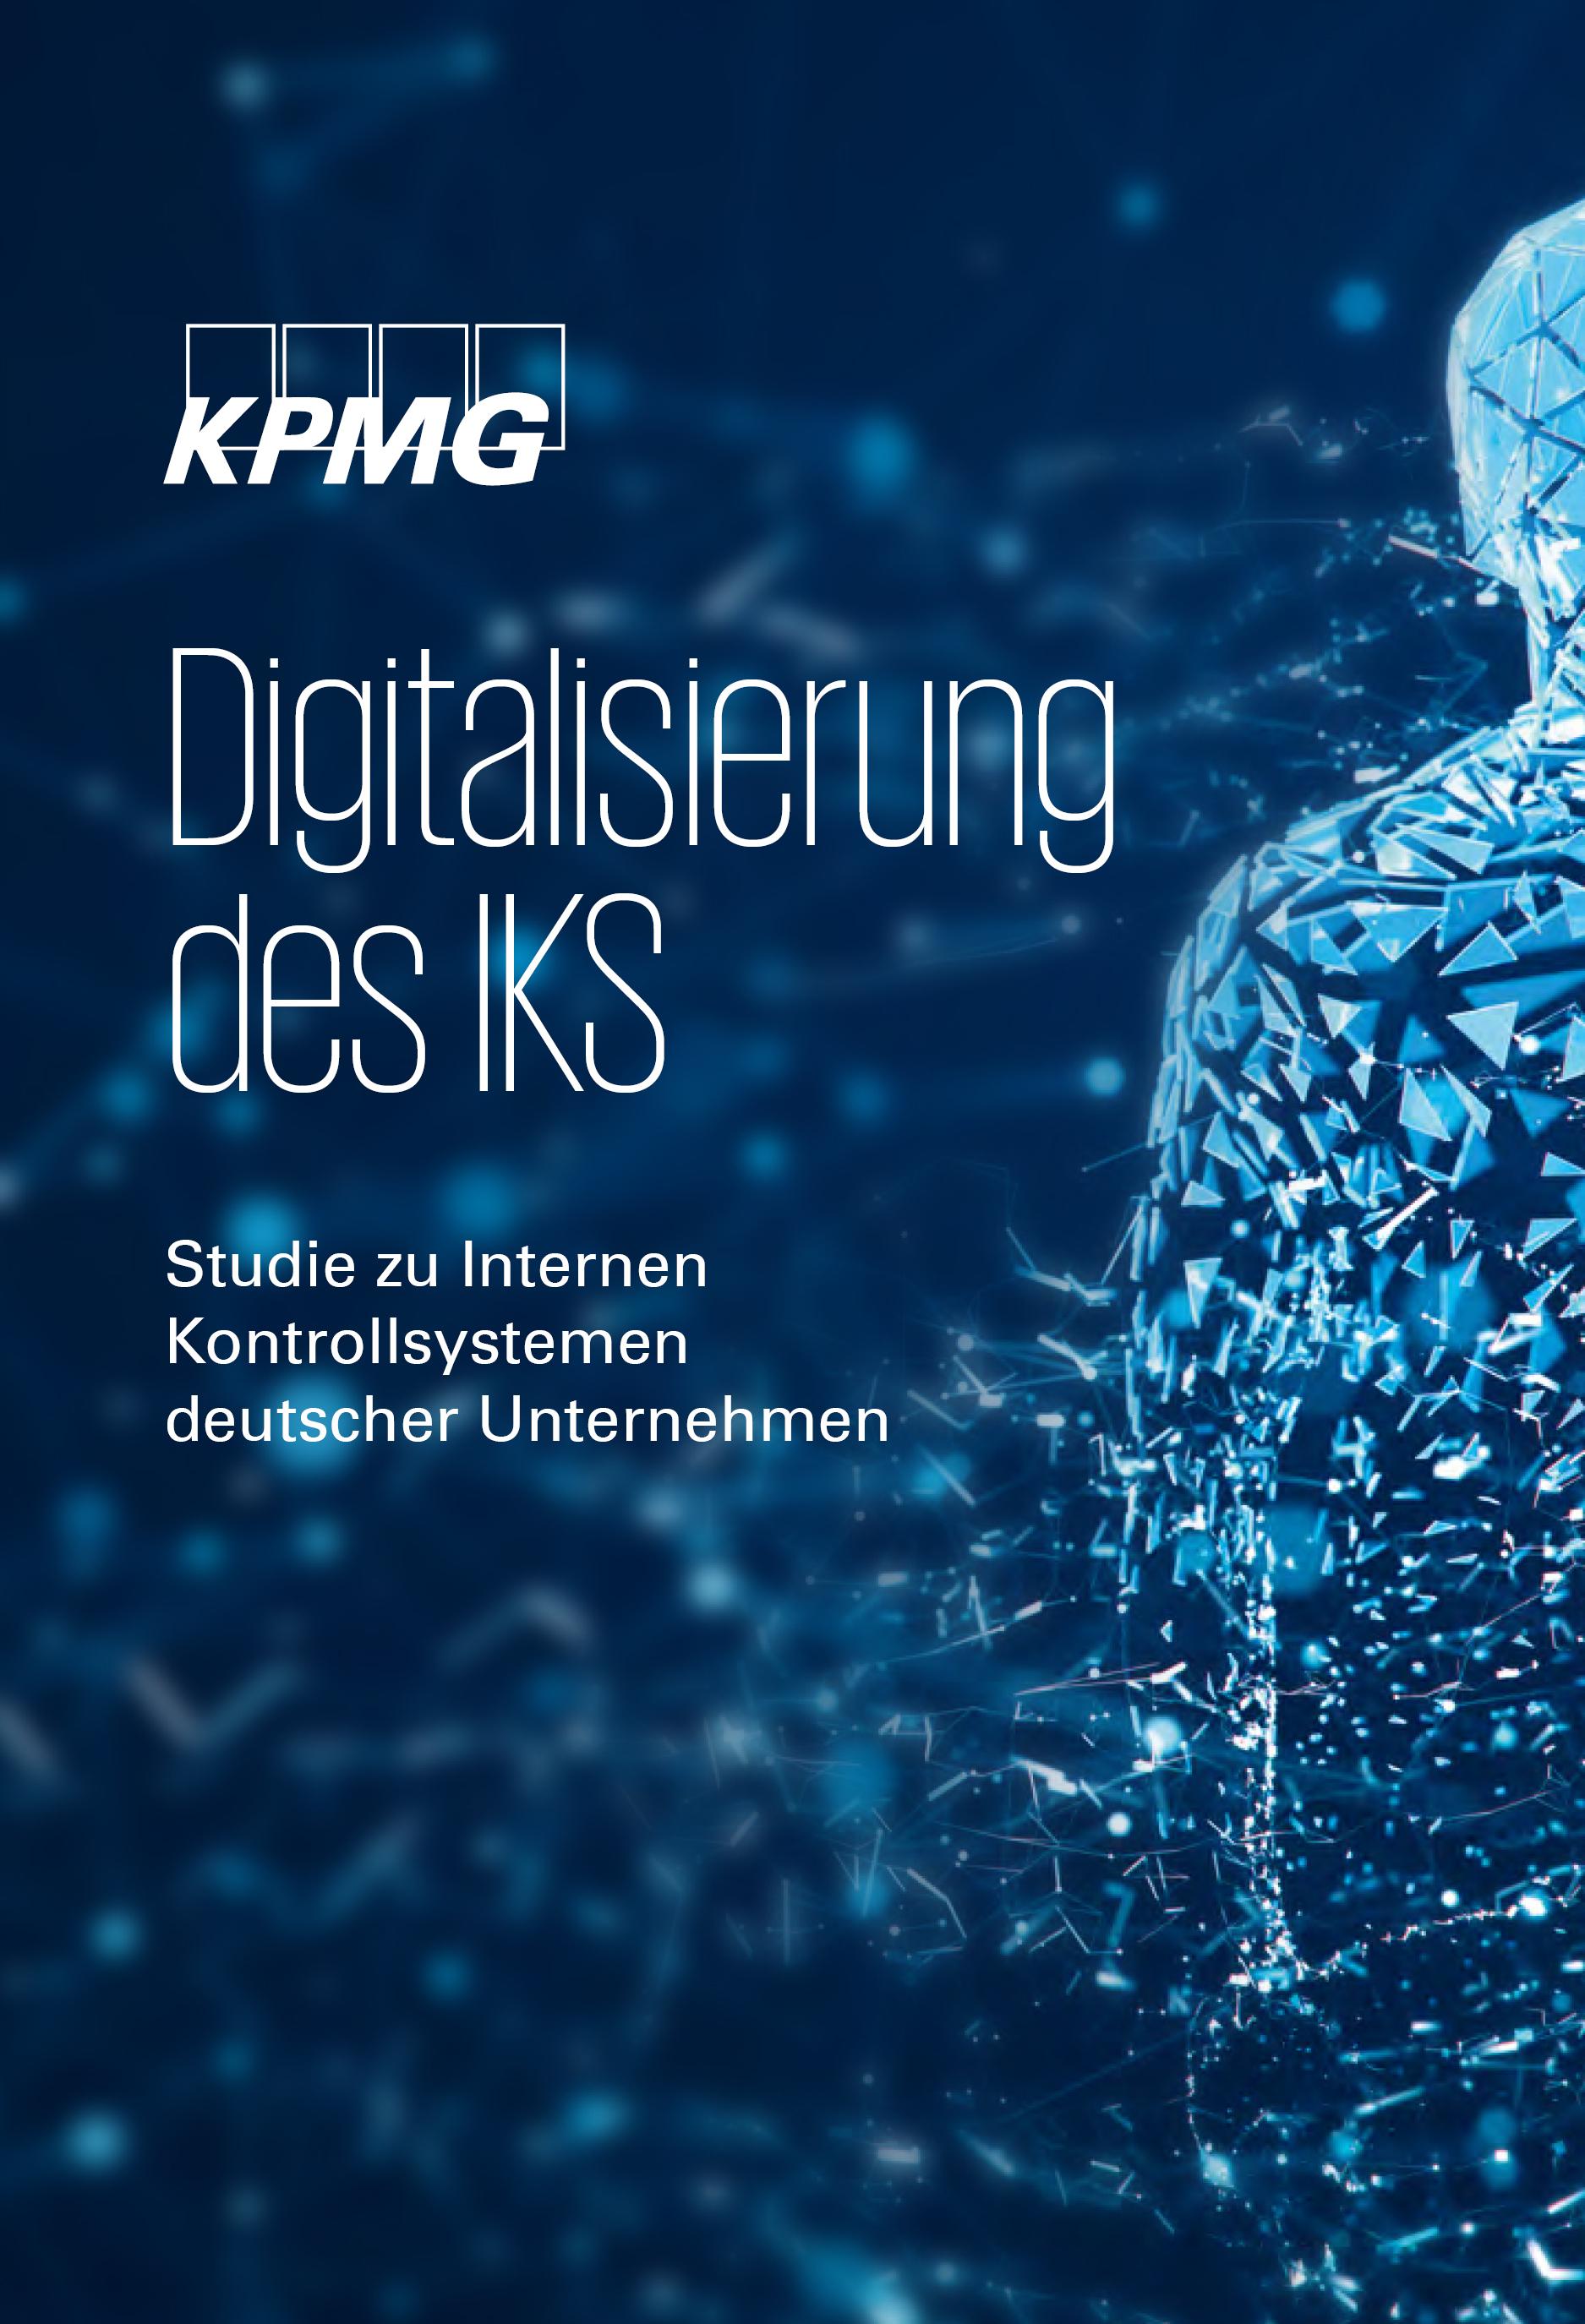 IKS Studie DG2_Zuschnitt_450x660_Titelbild_SDC_v1_